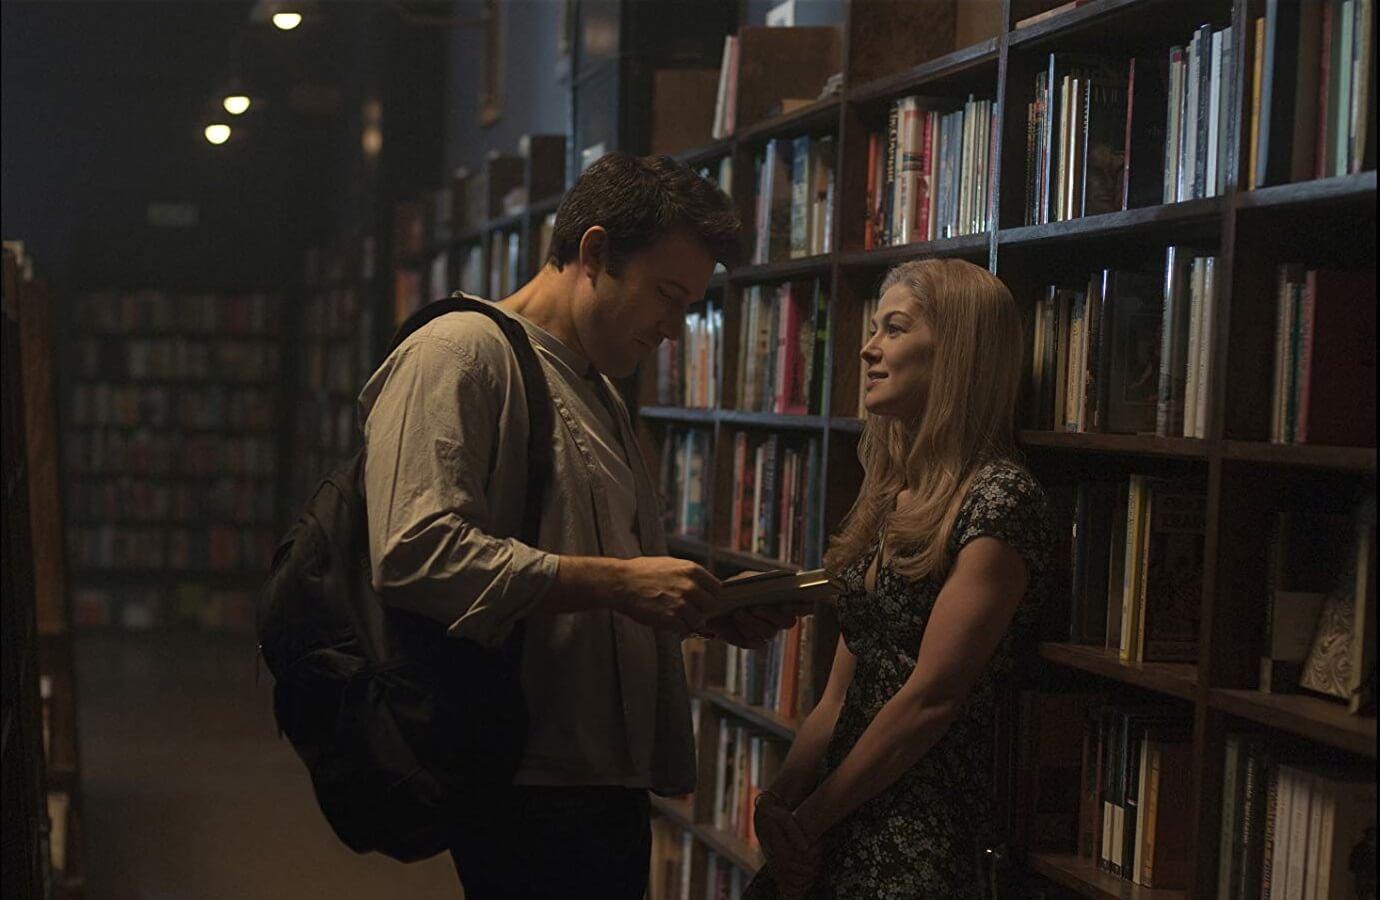 10 filmova sa najneverovatnijim preokretima u kojima je neizvesnost zagarantovana